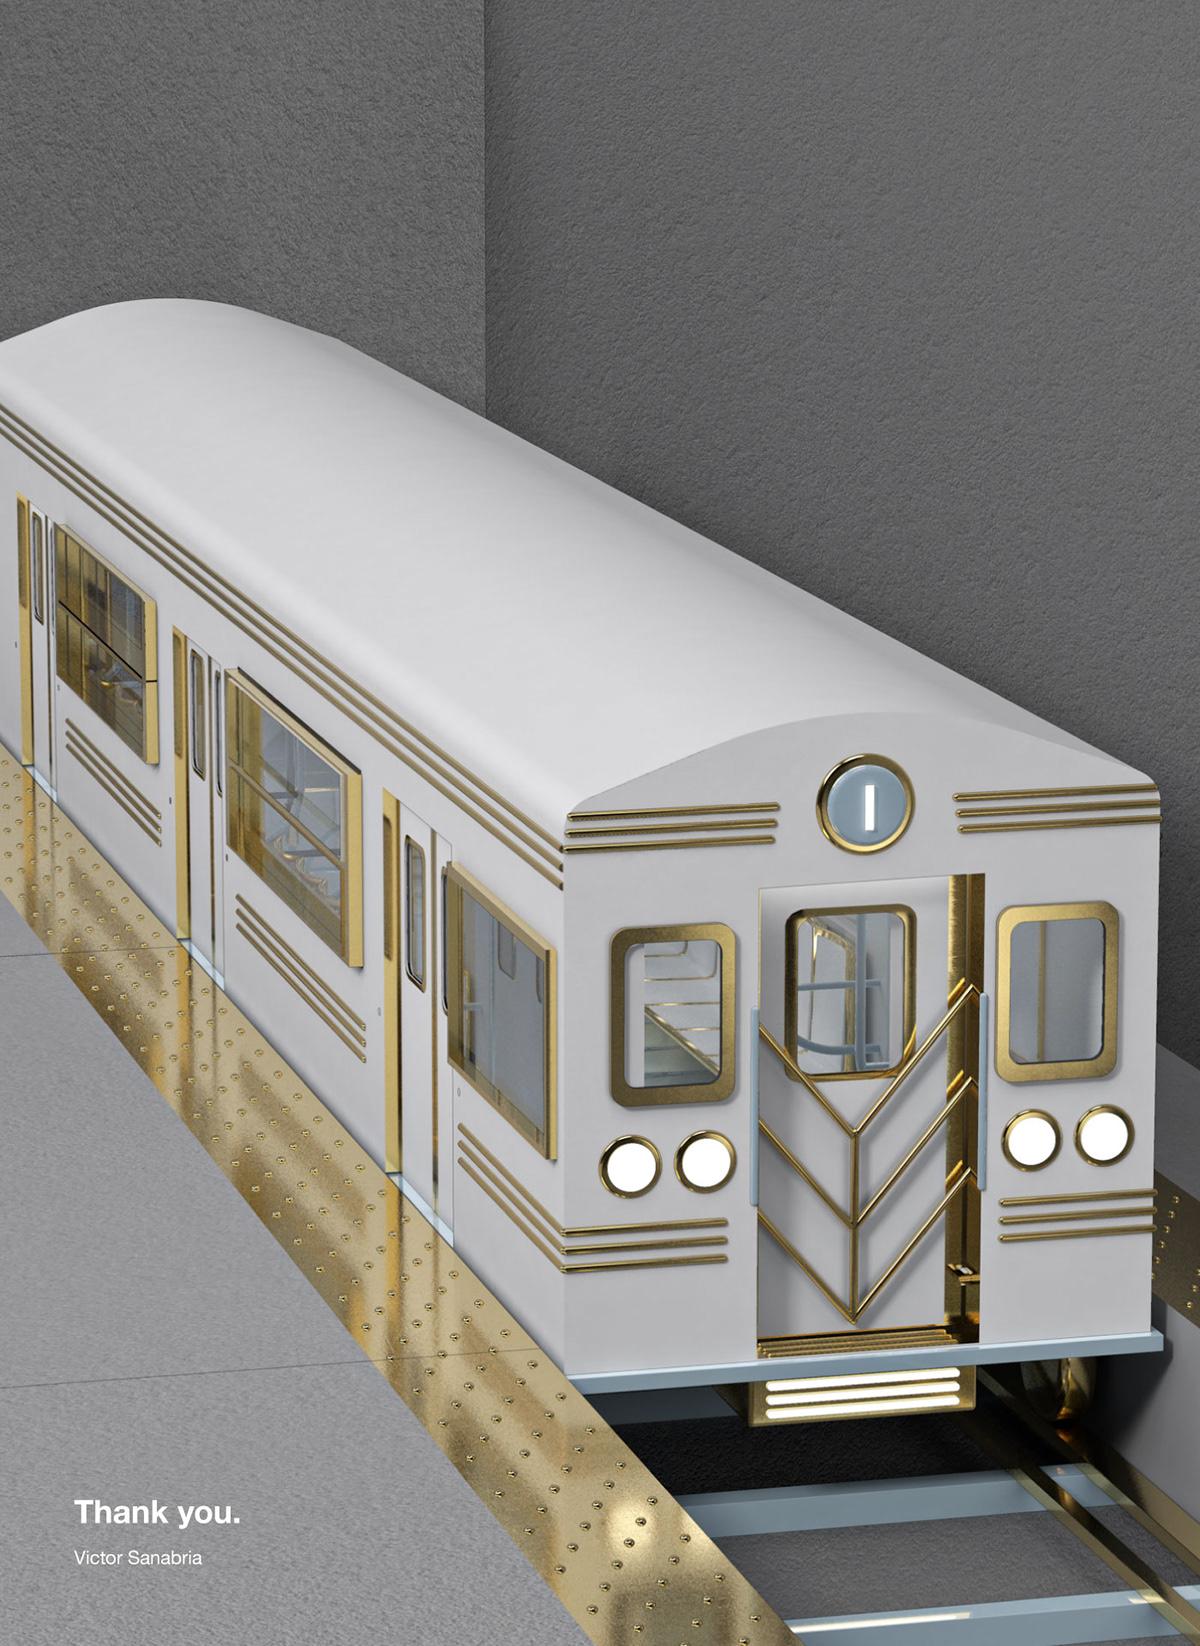 cinema4d Render art direction  photoshop adobe Digital Art  visual design vray 3D set design